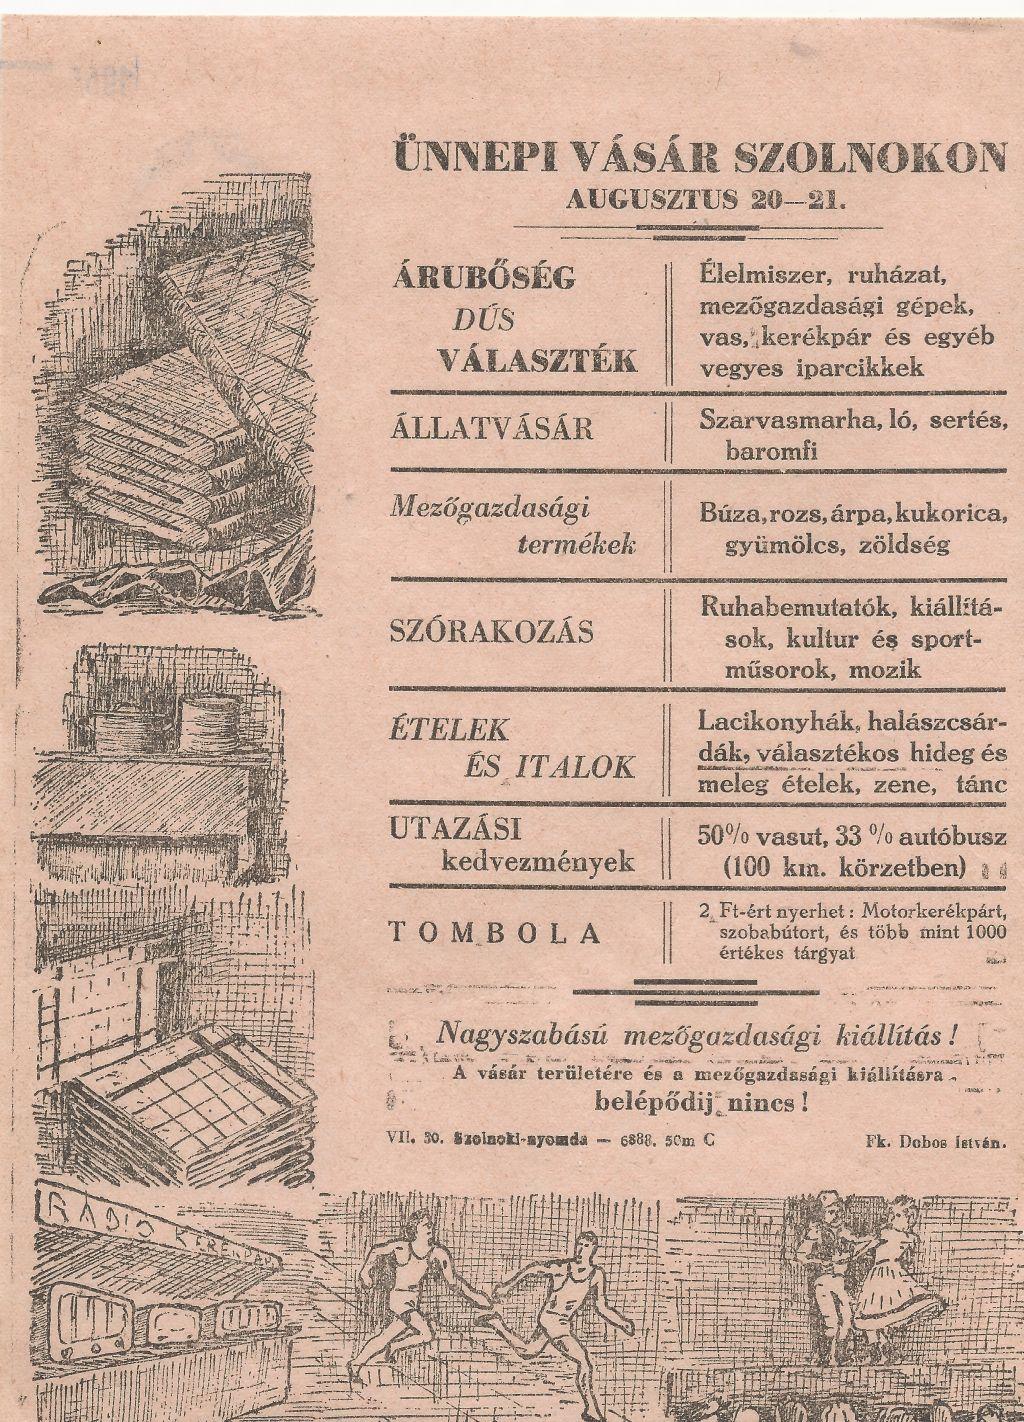 Ünnepi Vásár Szolnokon 1955. augusztus 20-21-én